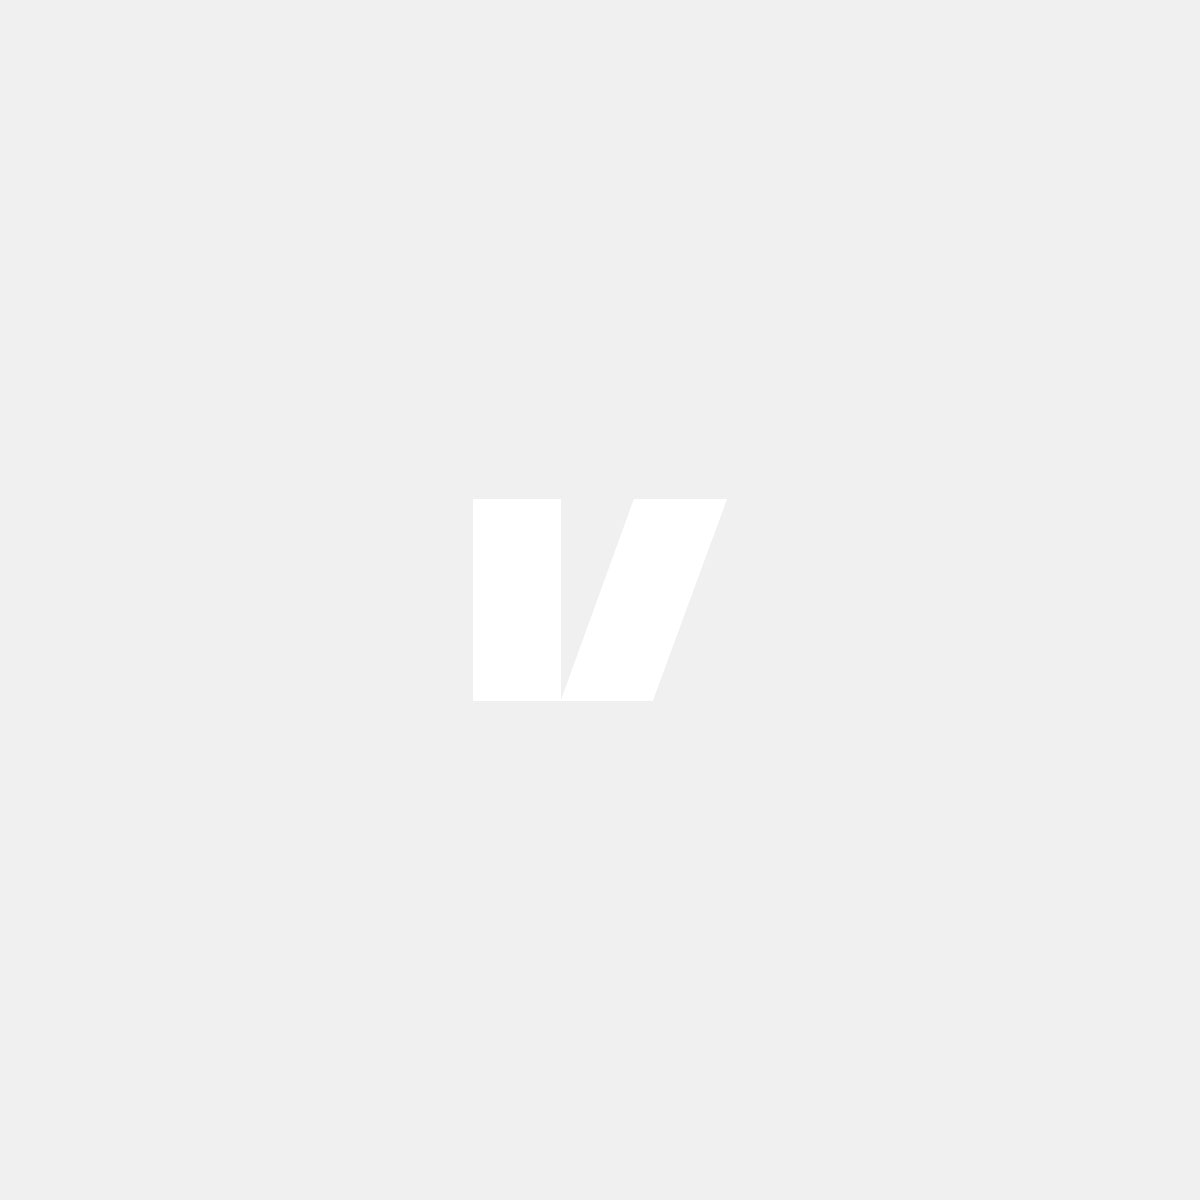 C70 klarglas strålkastare till Volvo S70, V70, C70, Vänster